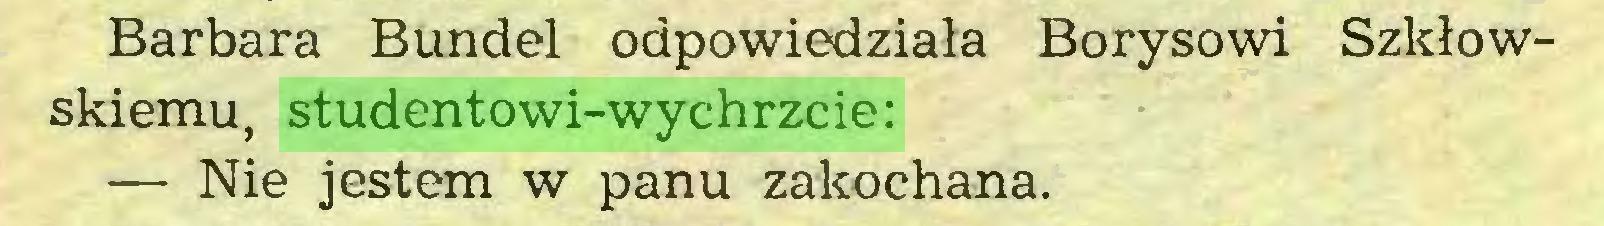 (...) Barbara Bundel odpowiedziała Borysowi Szkłowskiemu, studentowi-wychrzcie: — Nie jestem w panu zakochana...